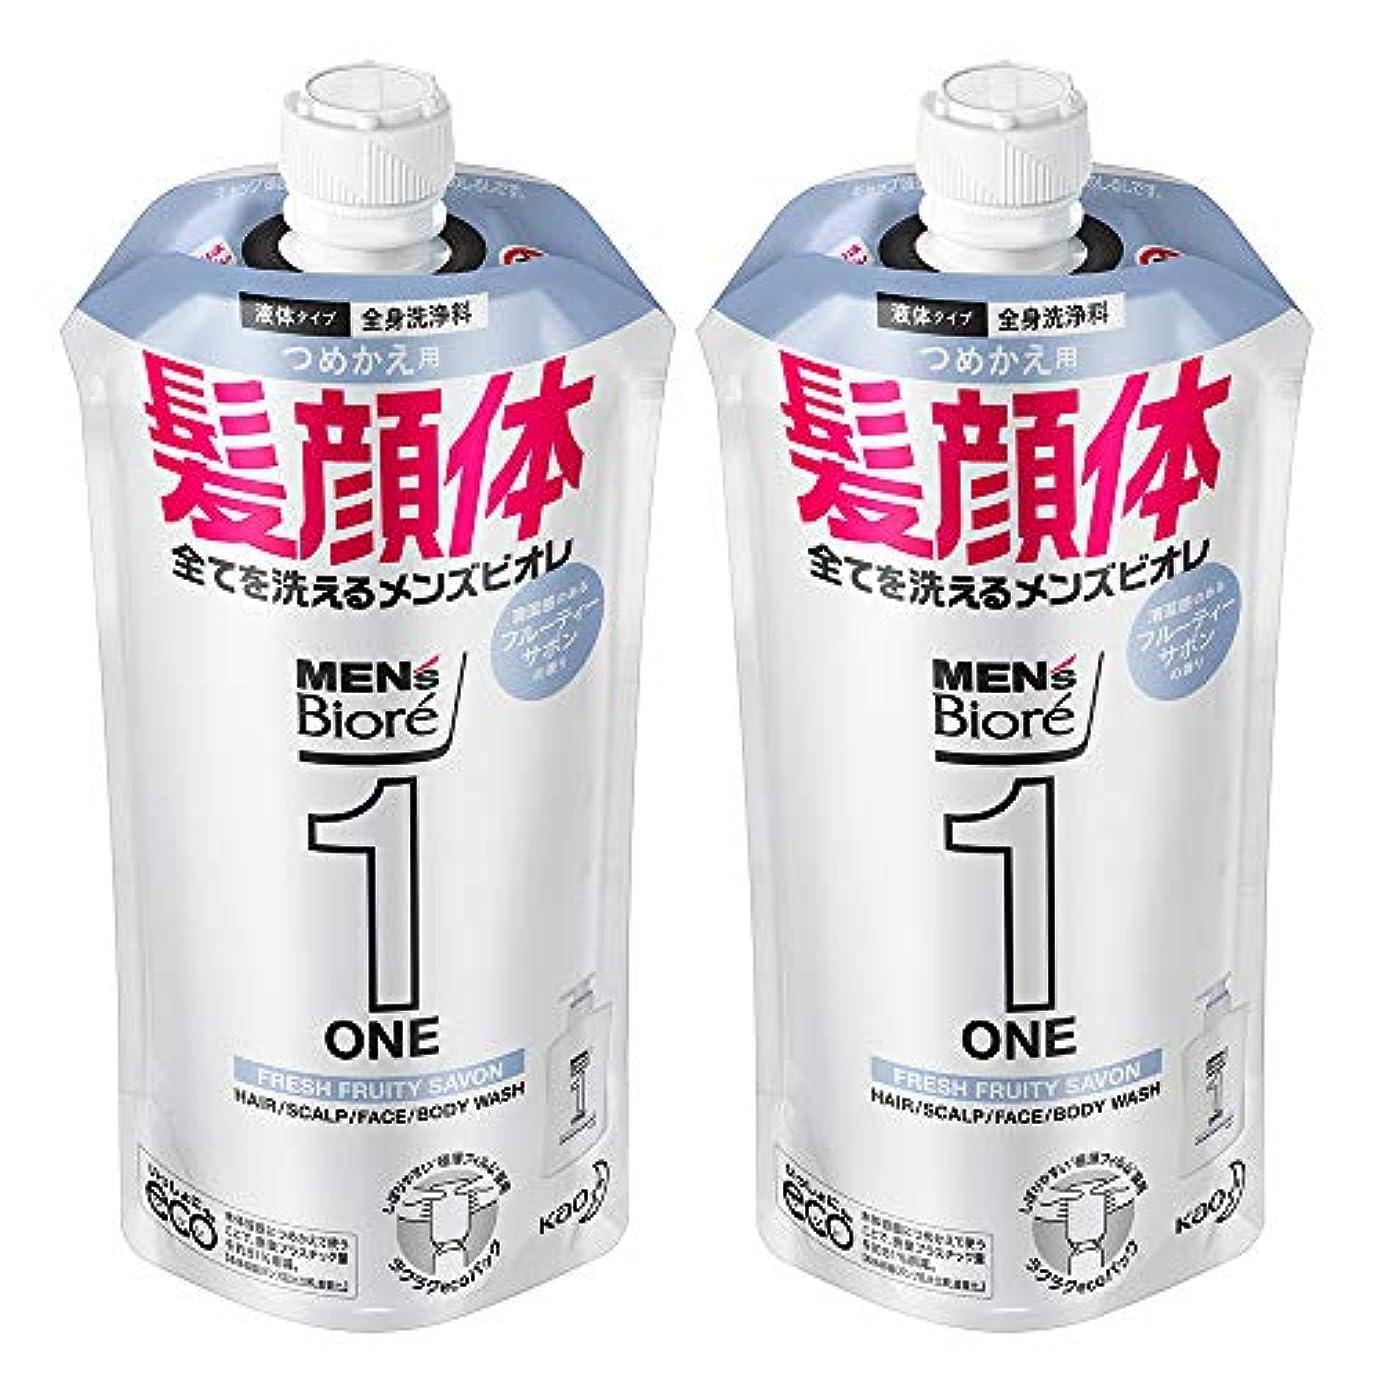 バンジージャンプ頬骨レクリエーション【まとめ買い】メンズビオレ ONE オールインワン全身洗浄料 フルーティーサボンの香り つめかえ用 340ml×2個